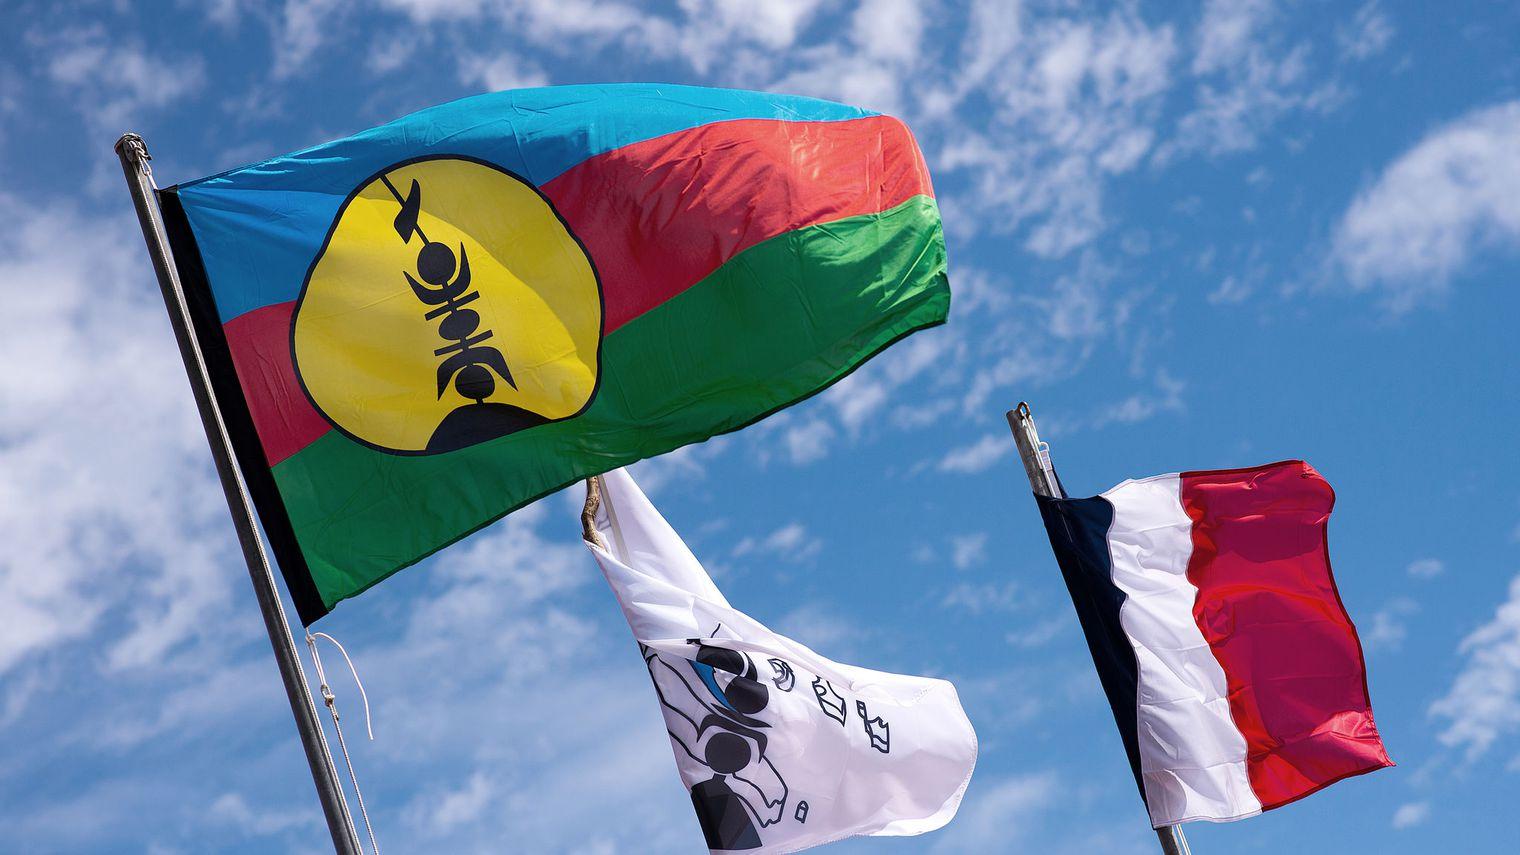 Les commissions administratives préparent les listes électorales en vu du référendum de 2018 en Nouvelle-Calédonie ©Lionel Bonaventure / AFP